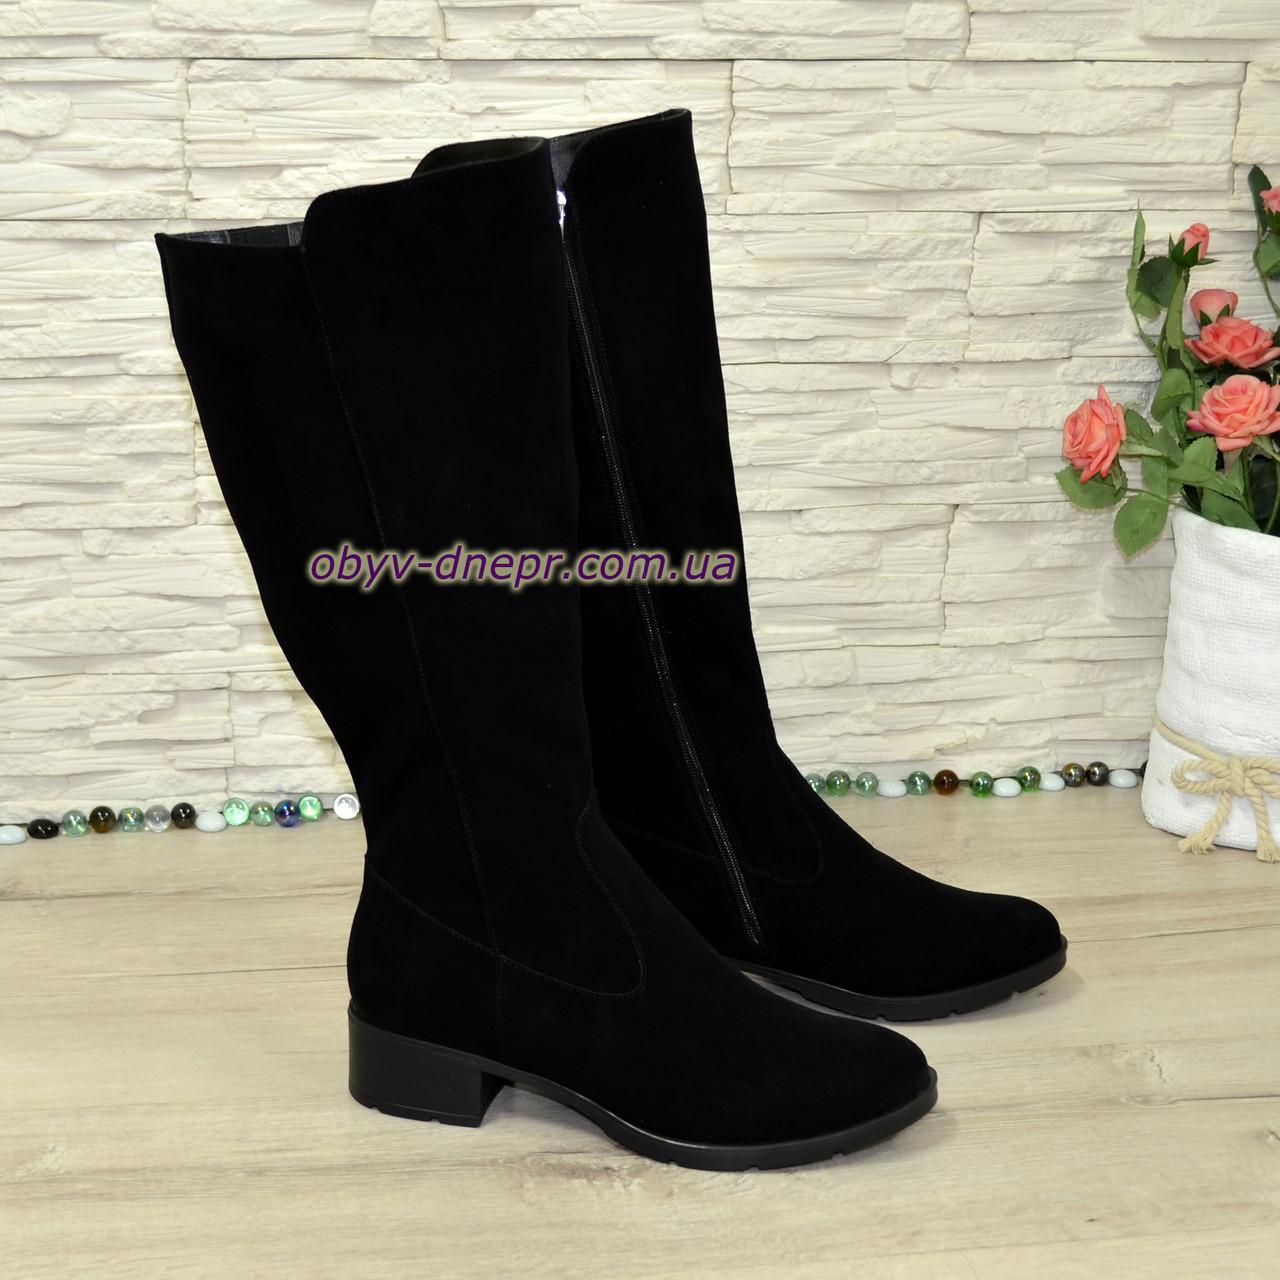 Сапоги женские замшевые зимние на невысоком каблуке,цвет черный